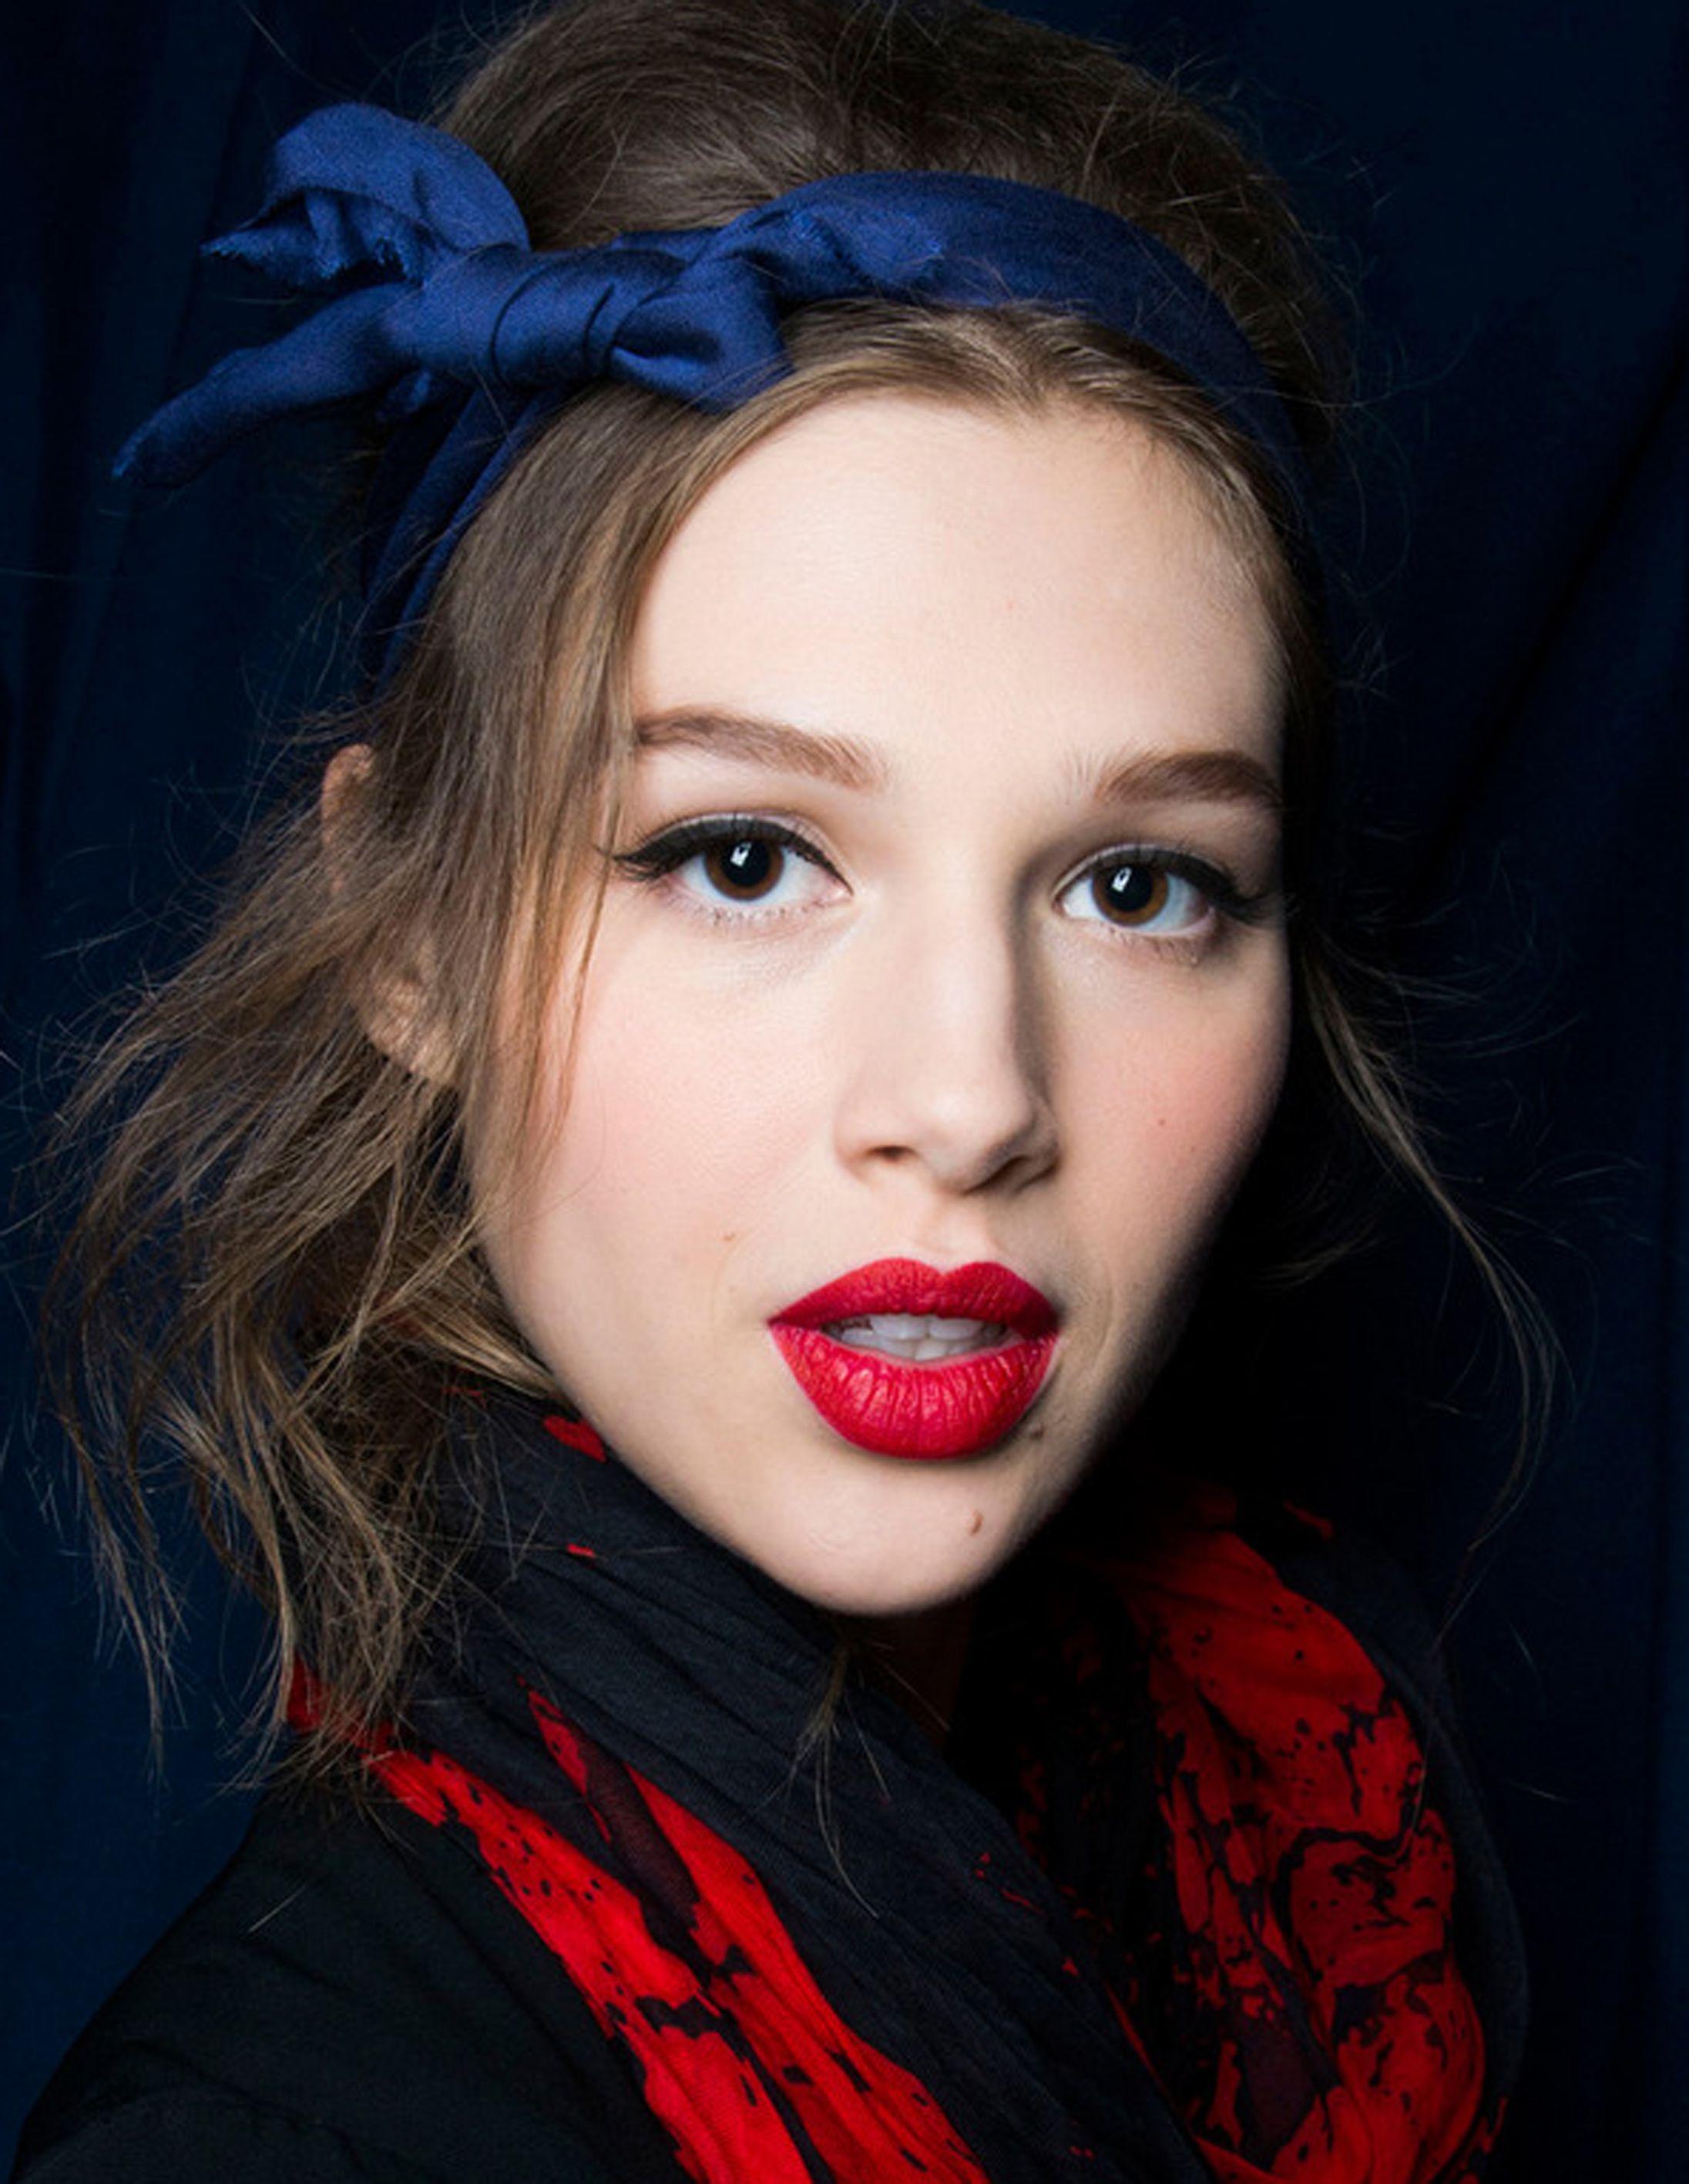 revista ELLE Alexis Mabille Estética 'pin-up' en Alexis Mabille: labios en rojo mate, rabillo negro en los párpados y diadema con lazo en azul oscuro